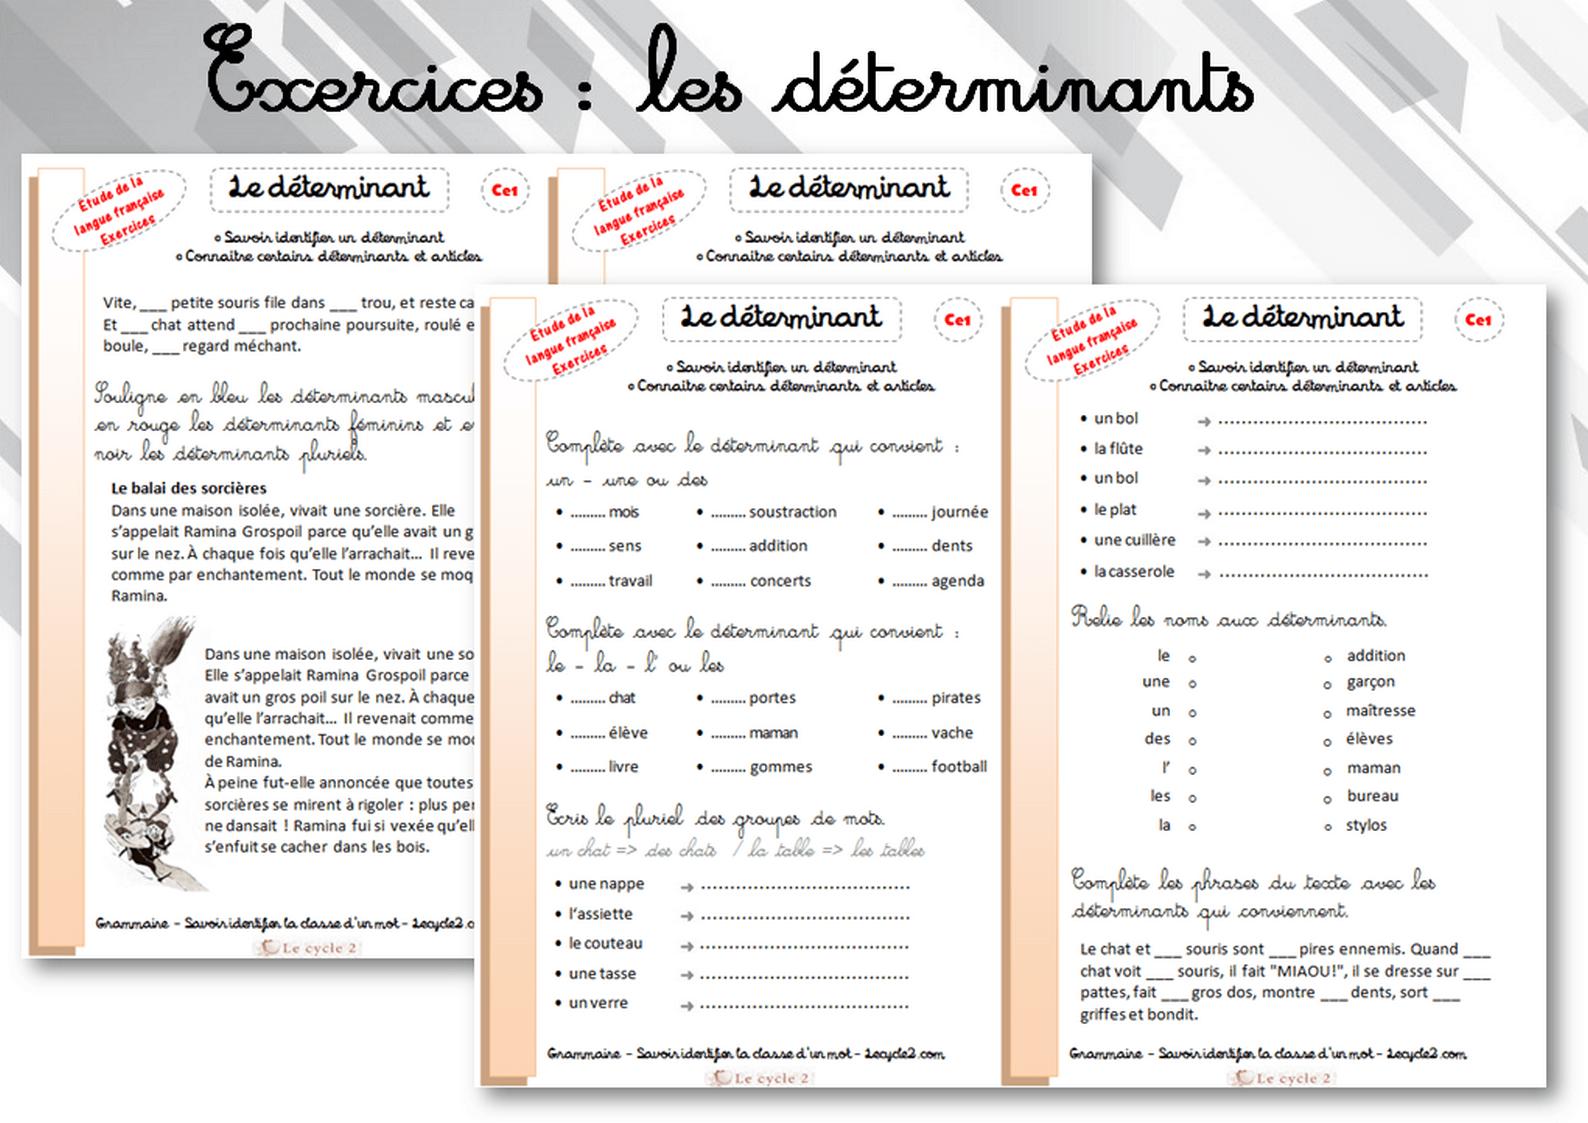 Fiches d'écercices sur les déterminants - grammaire ce1 | Grammaire ce1, Les déterminants et ...